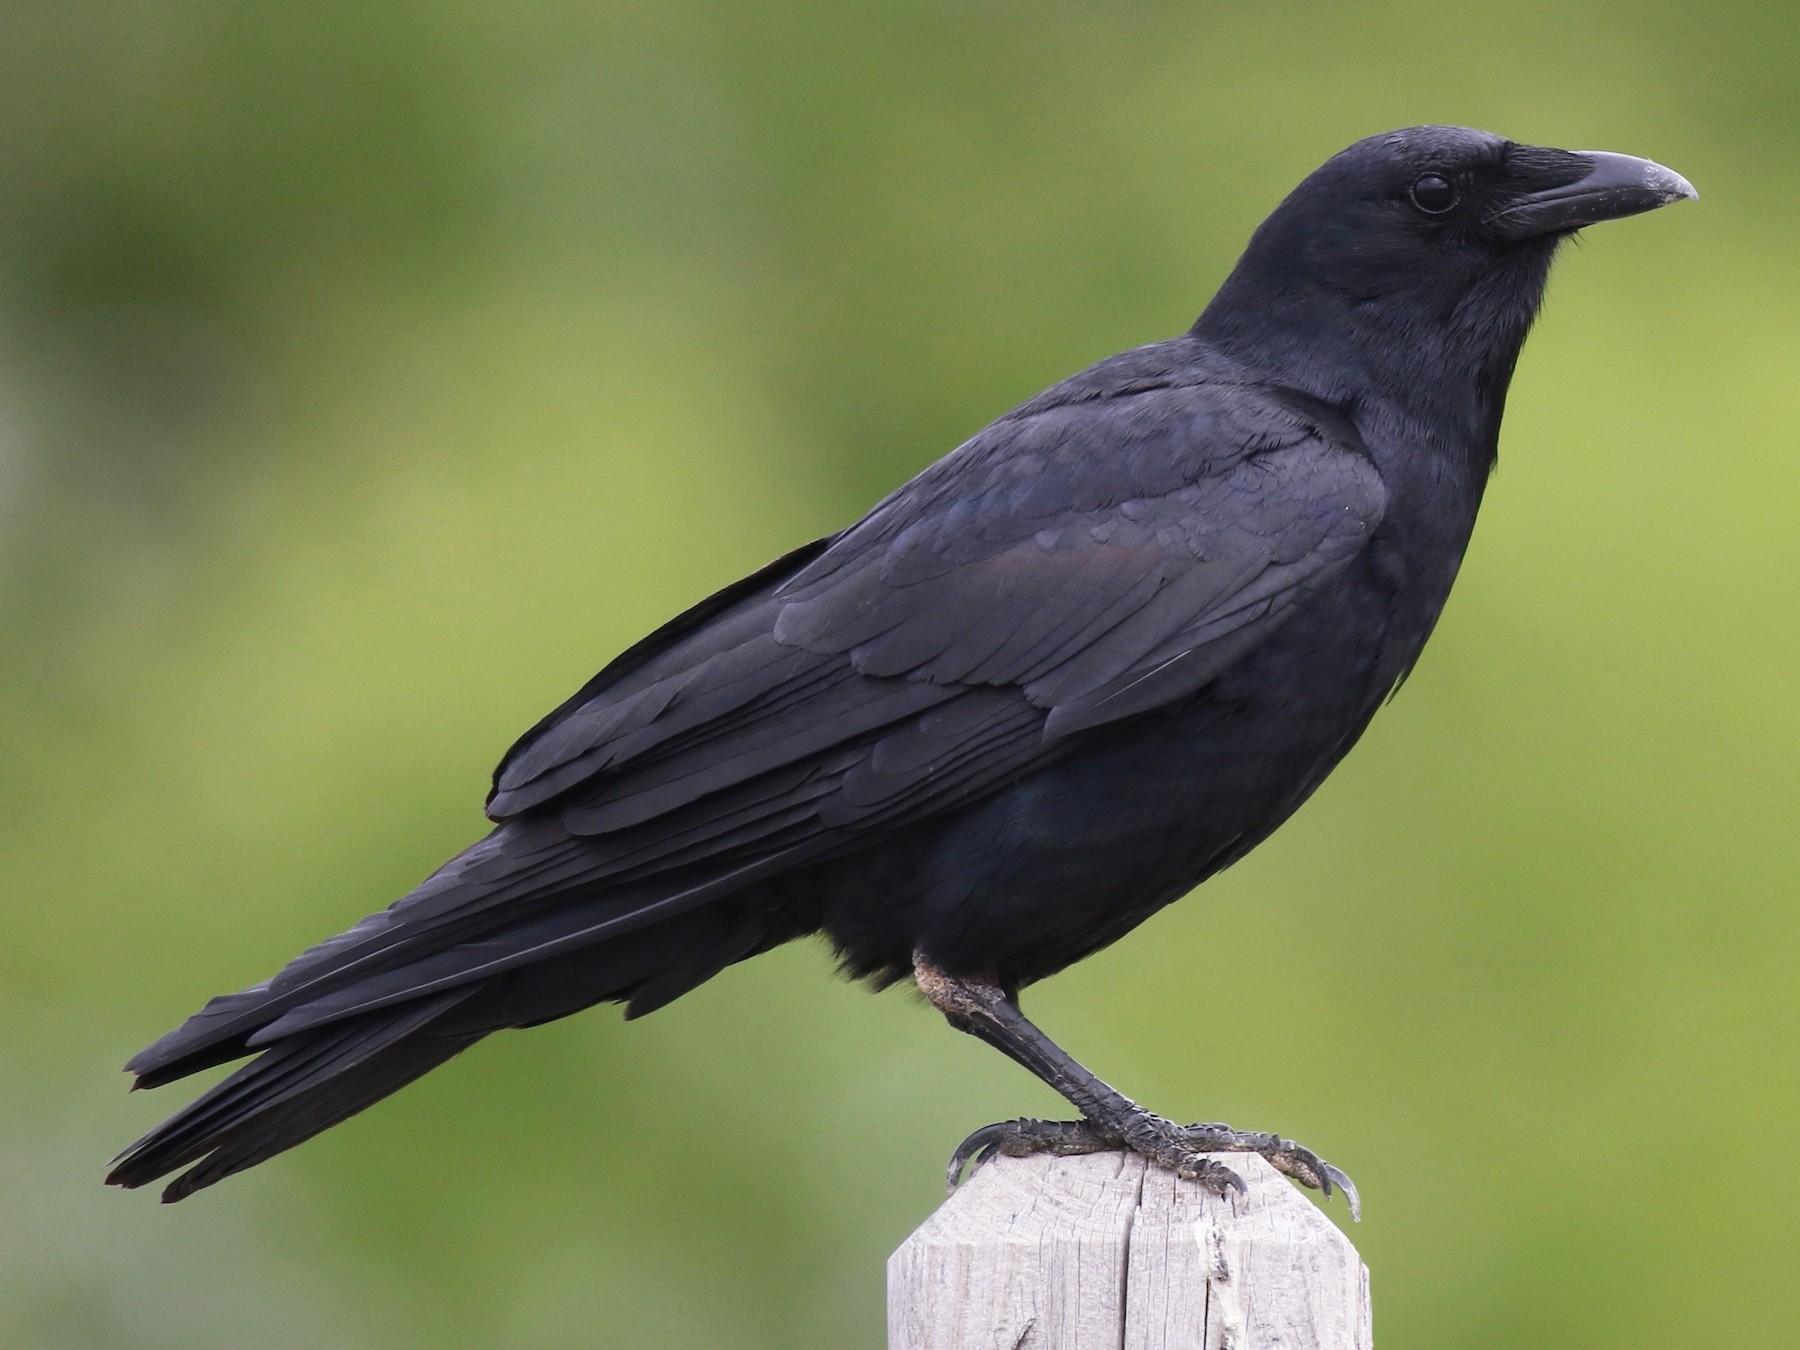 Fish Crow - Nathan Dubrow